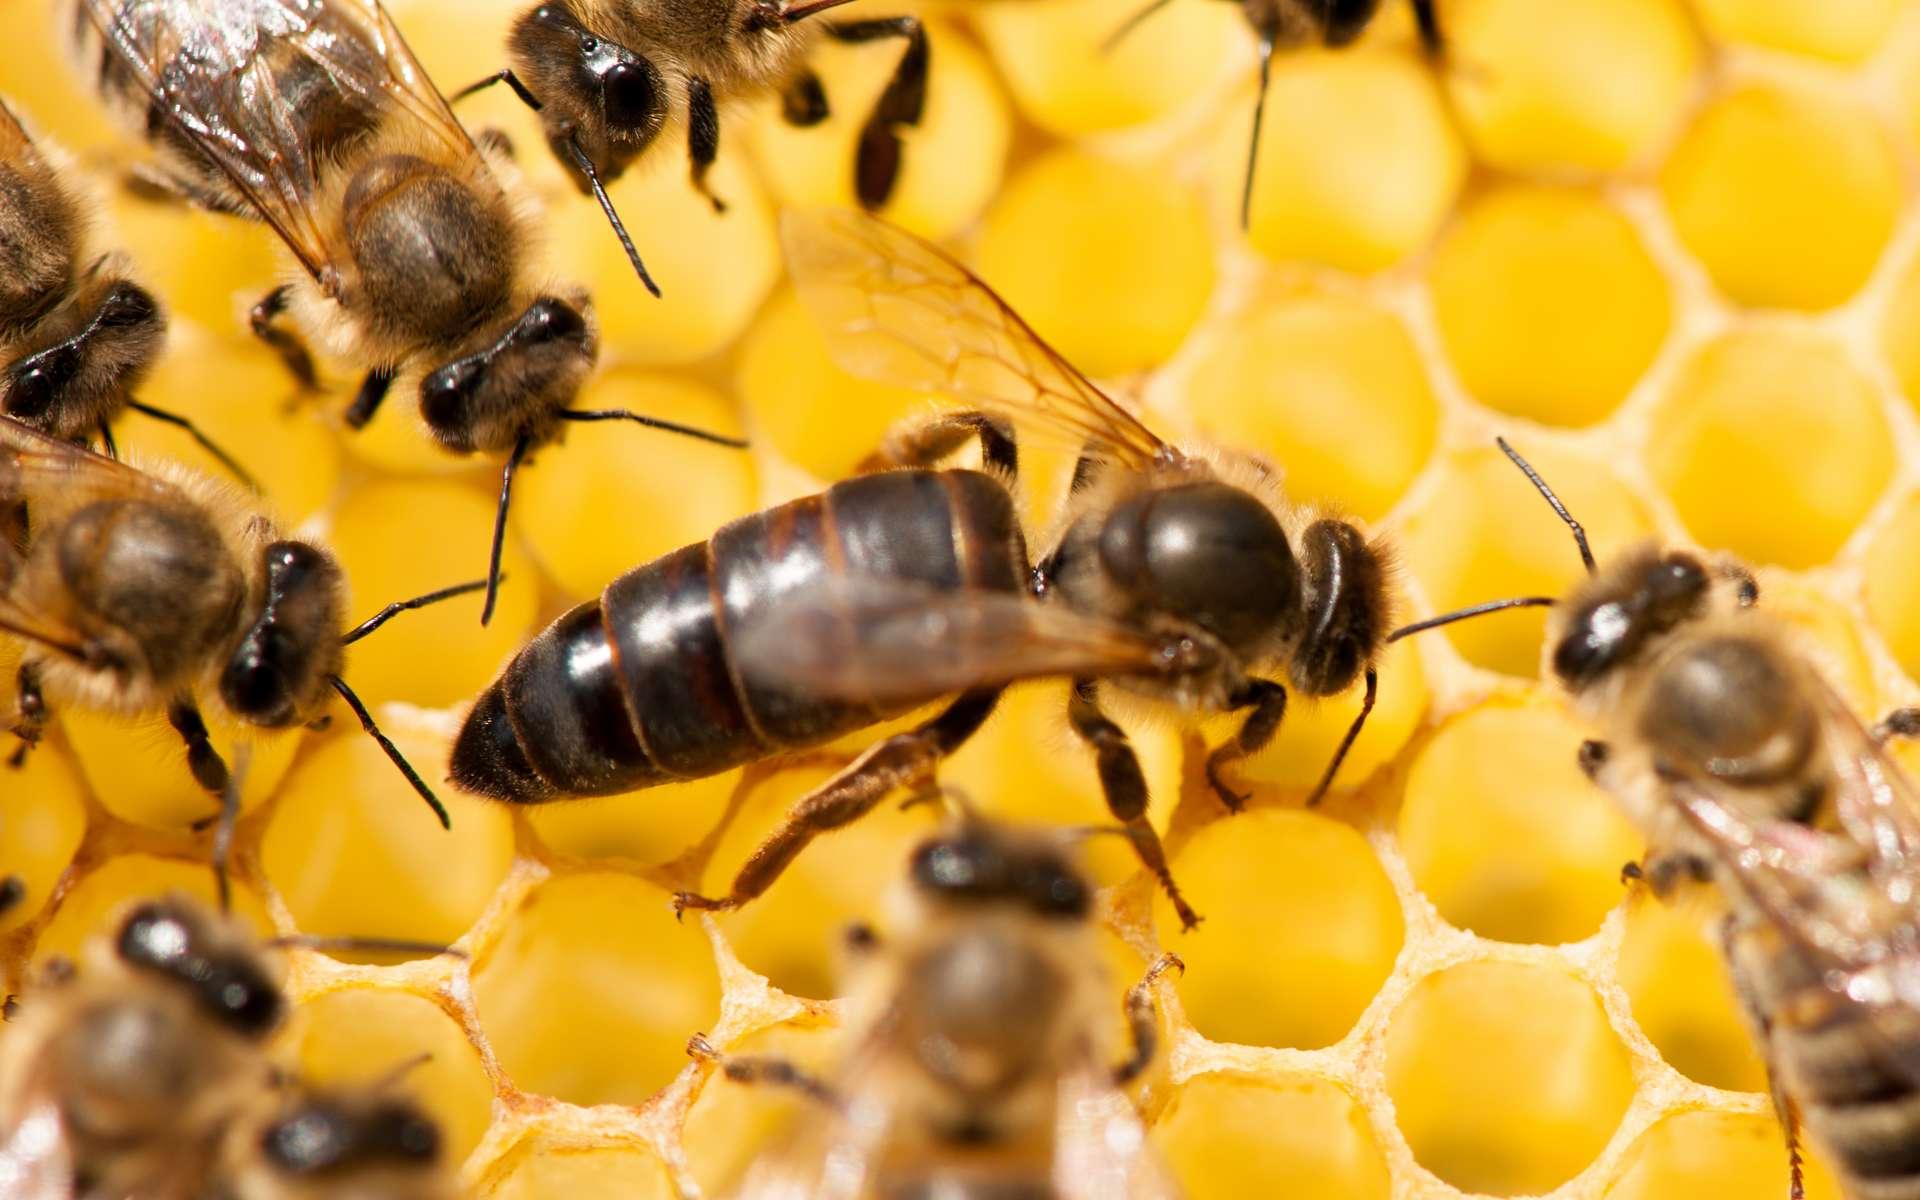 La reine des abeilles est facilement reconnaissable, de par sa taille plus importante. Elle est aussi recouverte de moins de poils qu'une abeille ouvrière. © Samo Trebizan